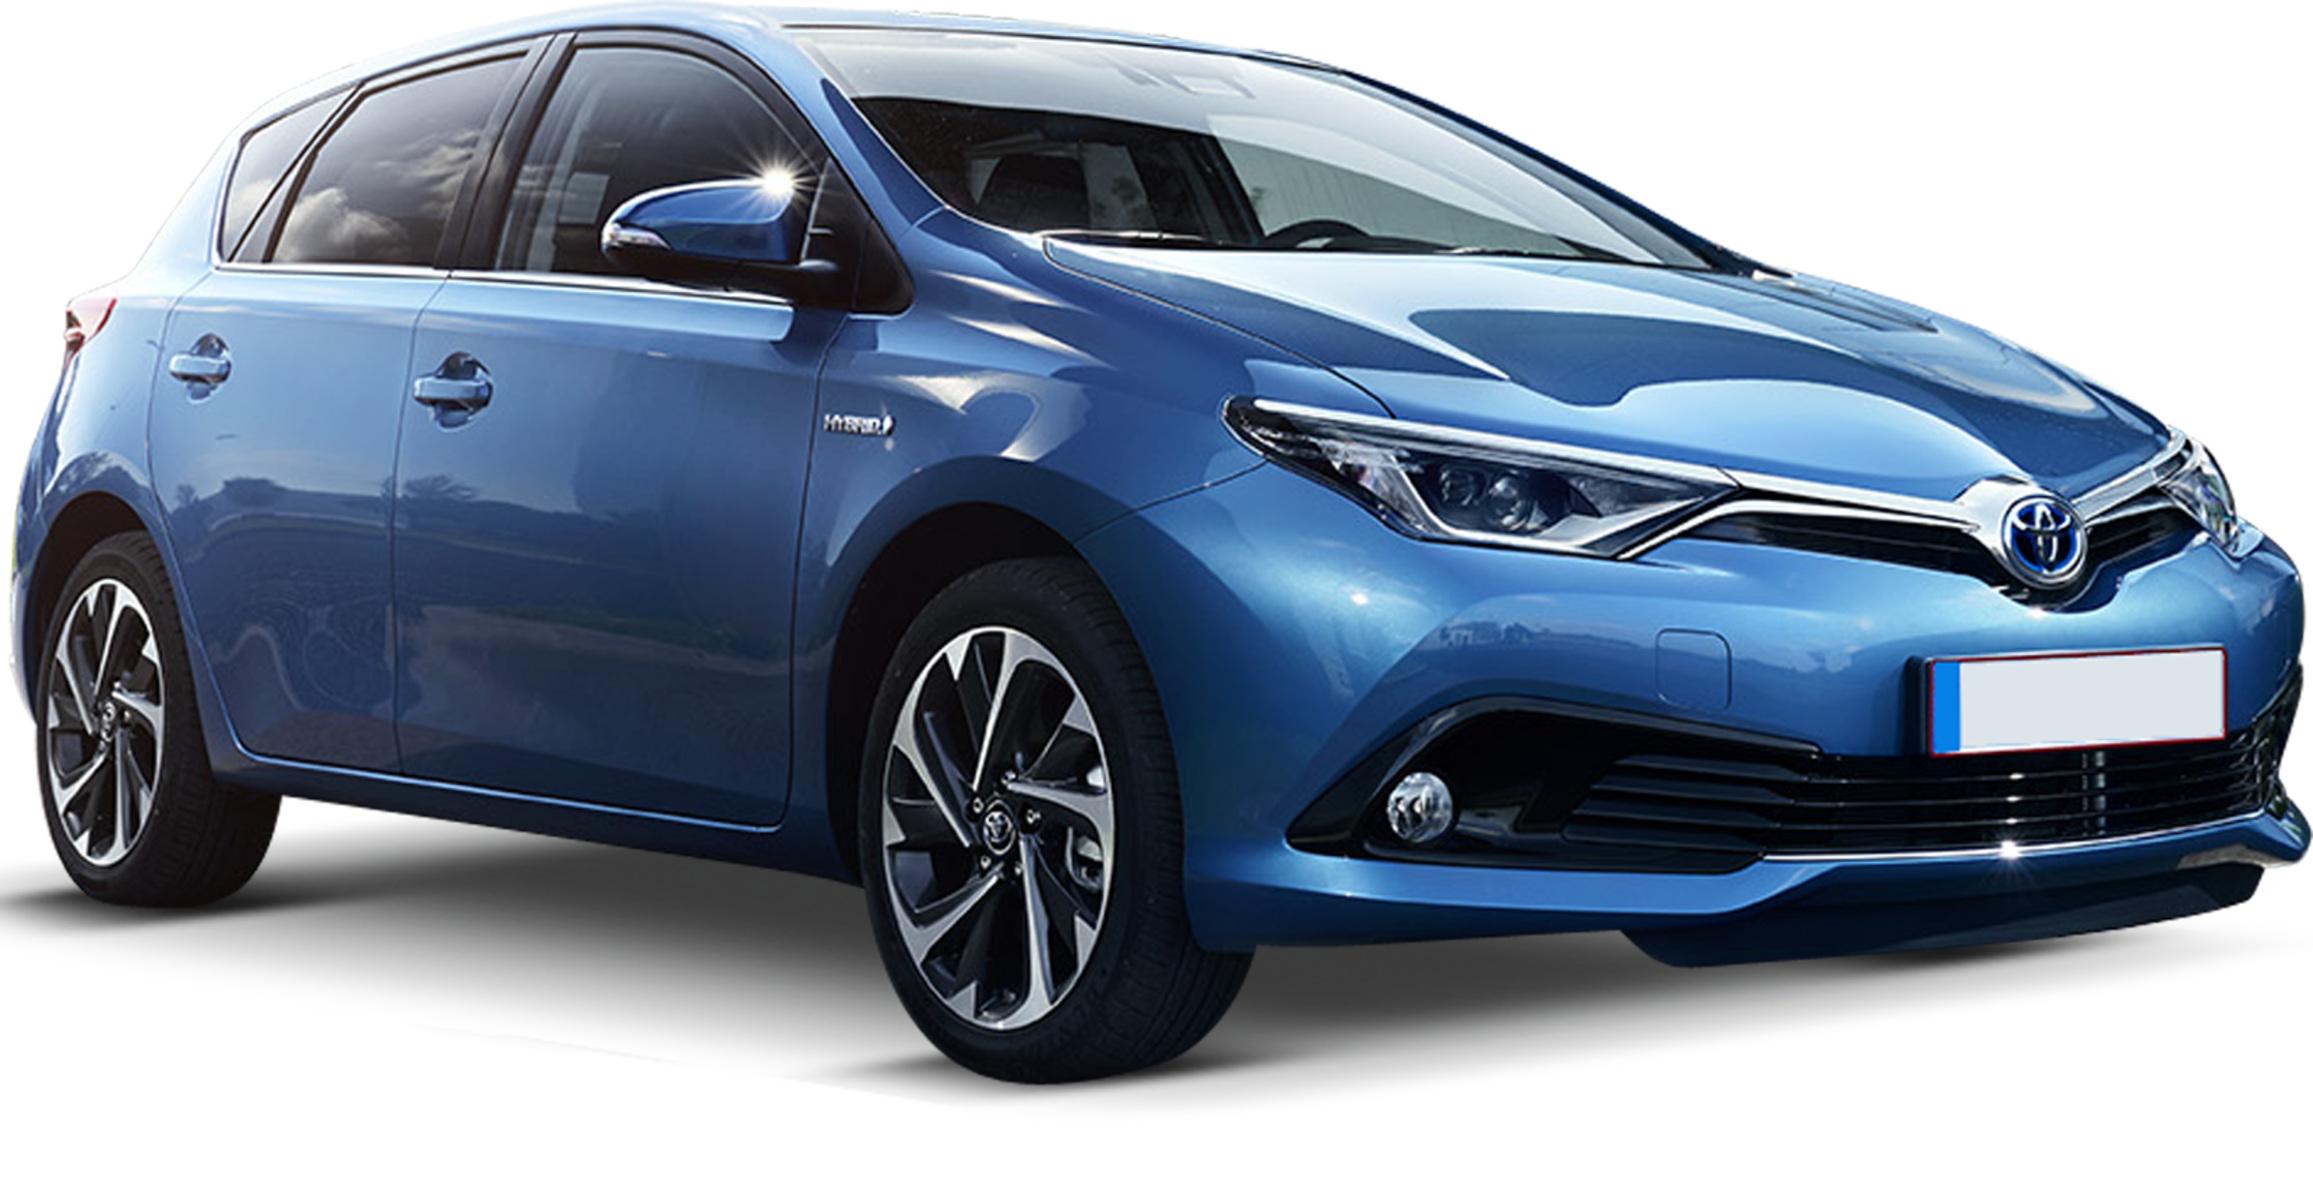 Listino Toyota Auris Prezzo Scheda Tecnica Consumi